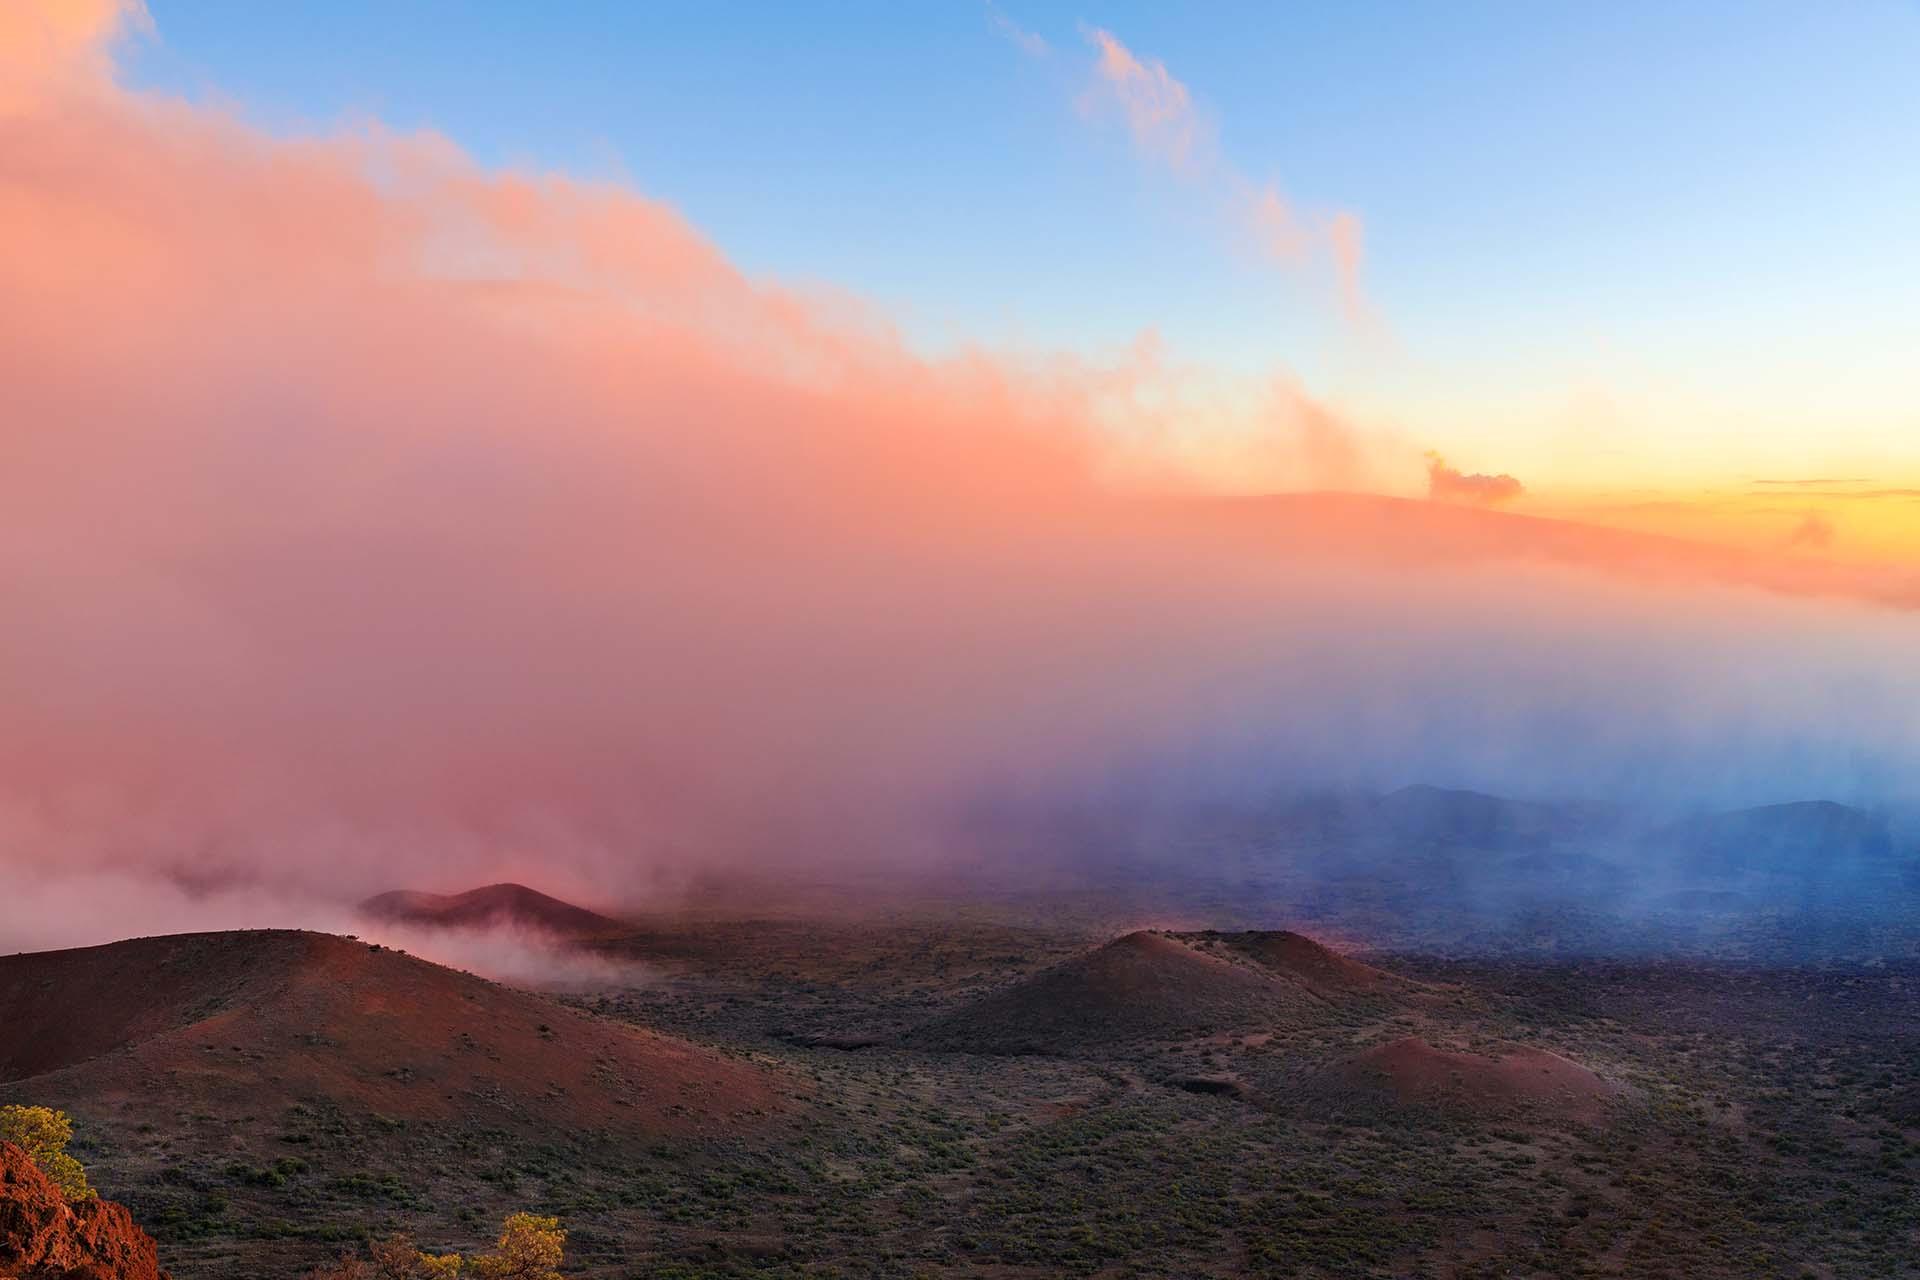 Mientras que el Monte Everest alcanza la altitud más alta, la montaña más alta, Mauna Kea, se encuentra en Hawai. Medida desde su base en el fondo del océano hasta la cumbre, Mauna Kea supera los 10.000 m de altitud, siendo por tanto más alta que el Monte Everest